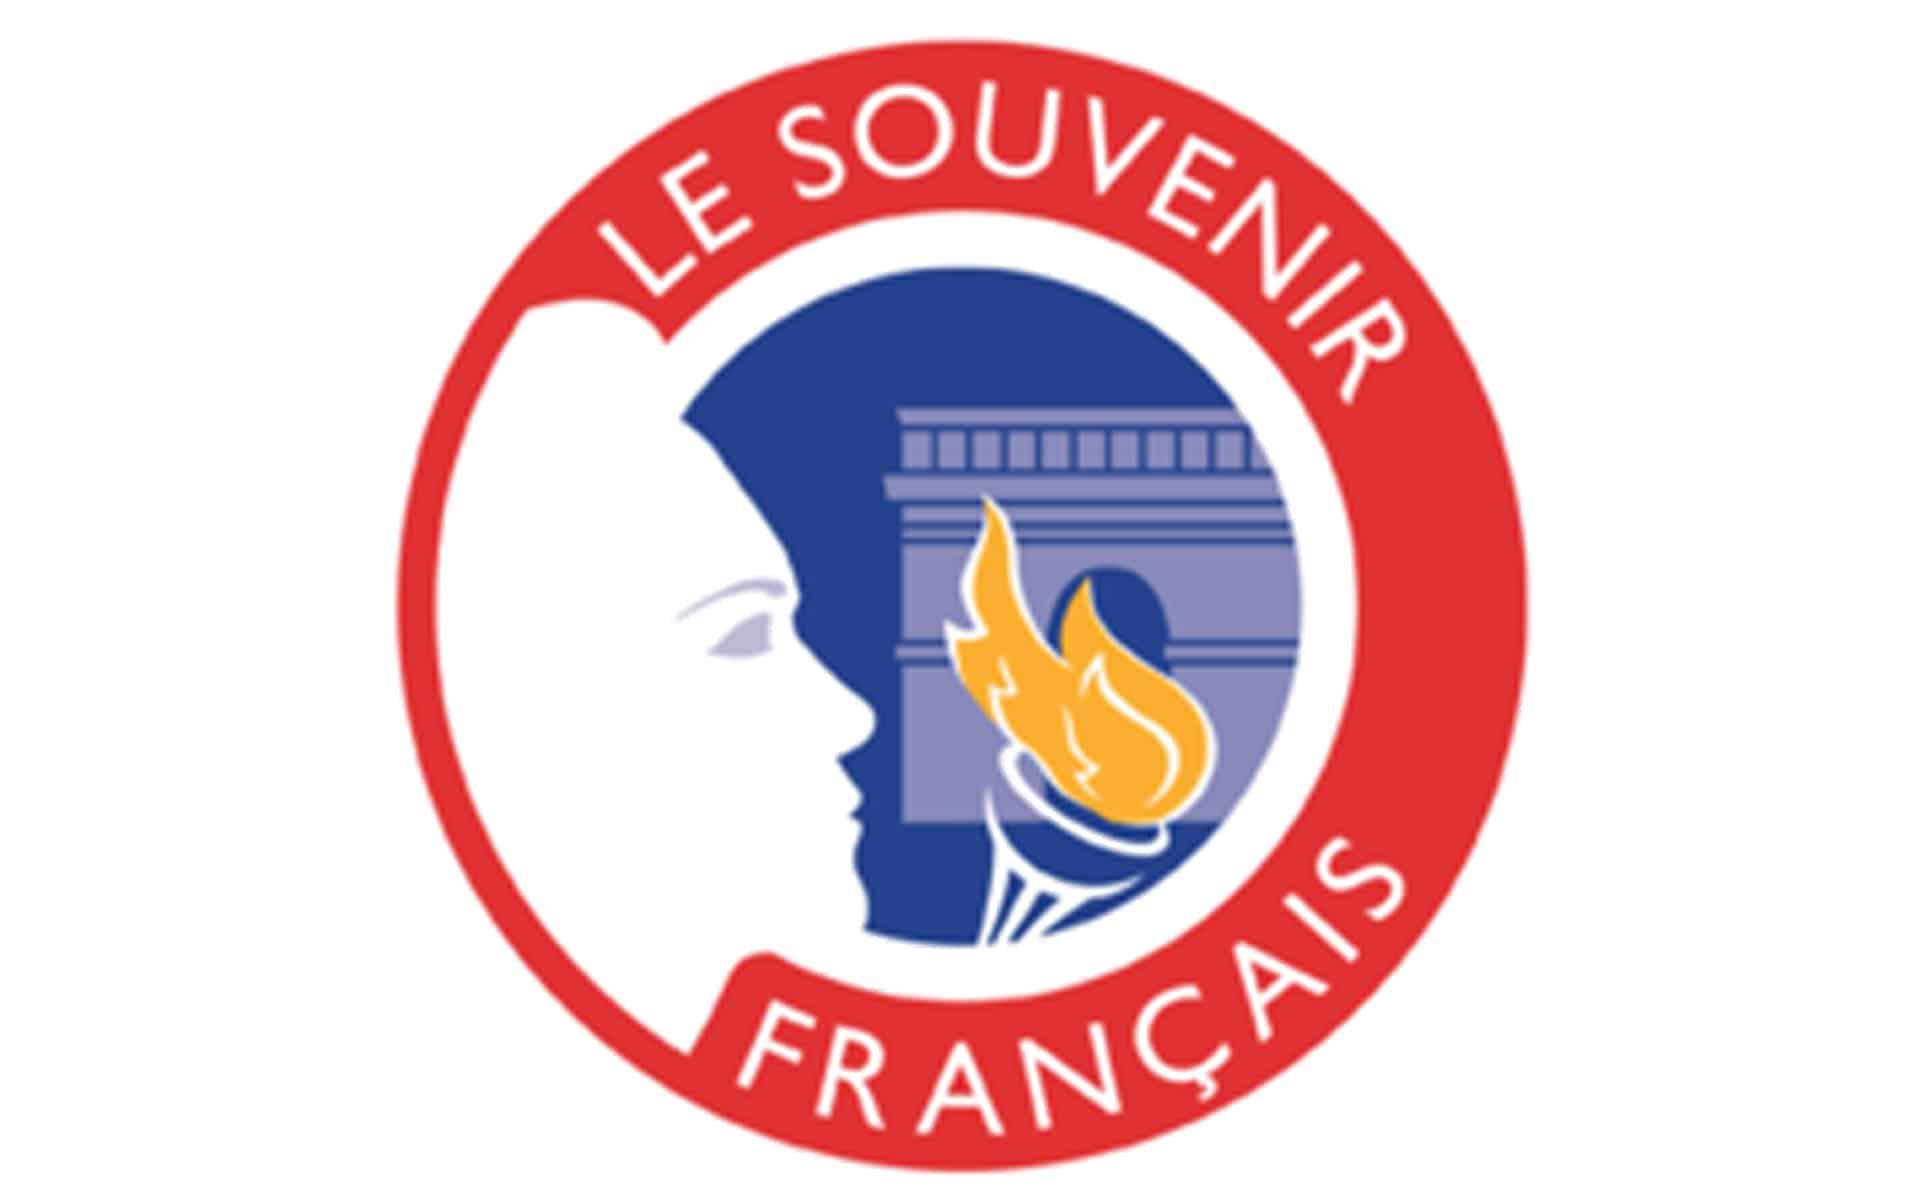 LE SOUVENIR FRANÇAIS